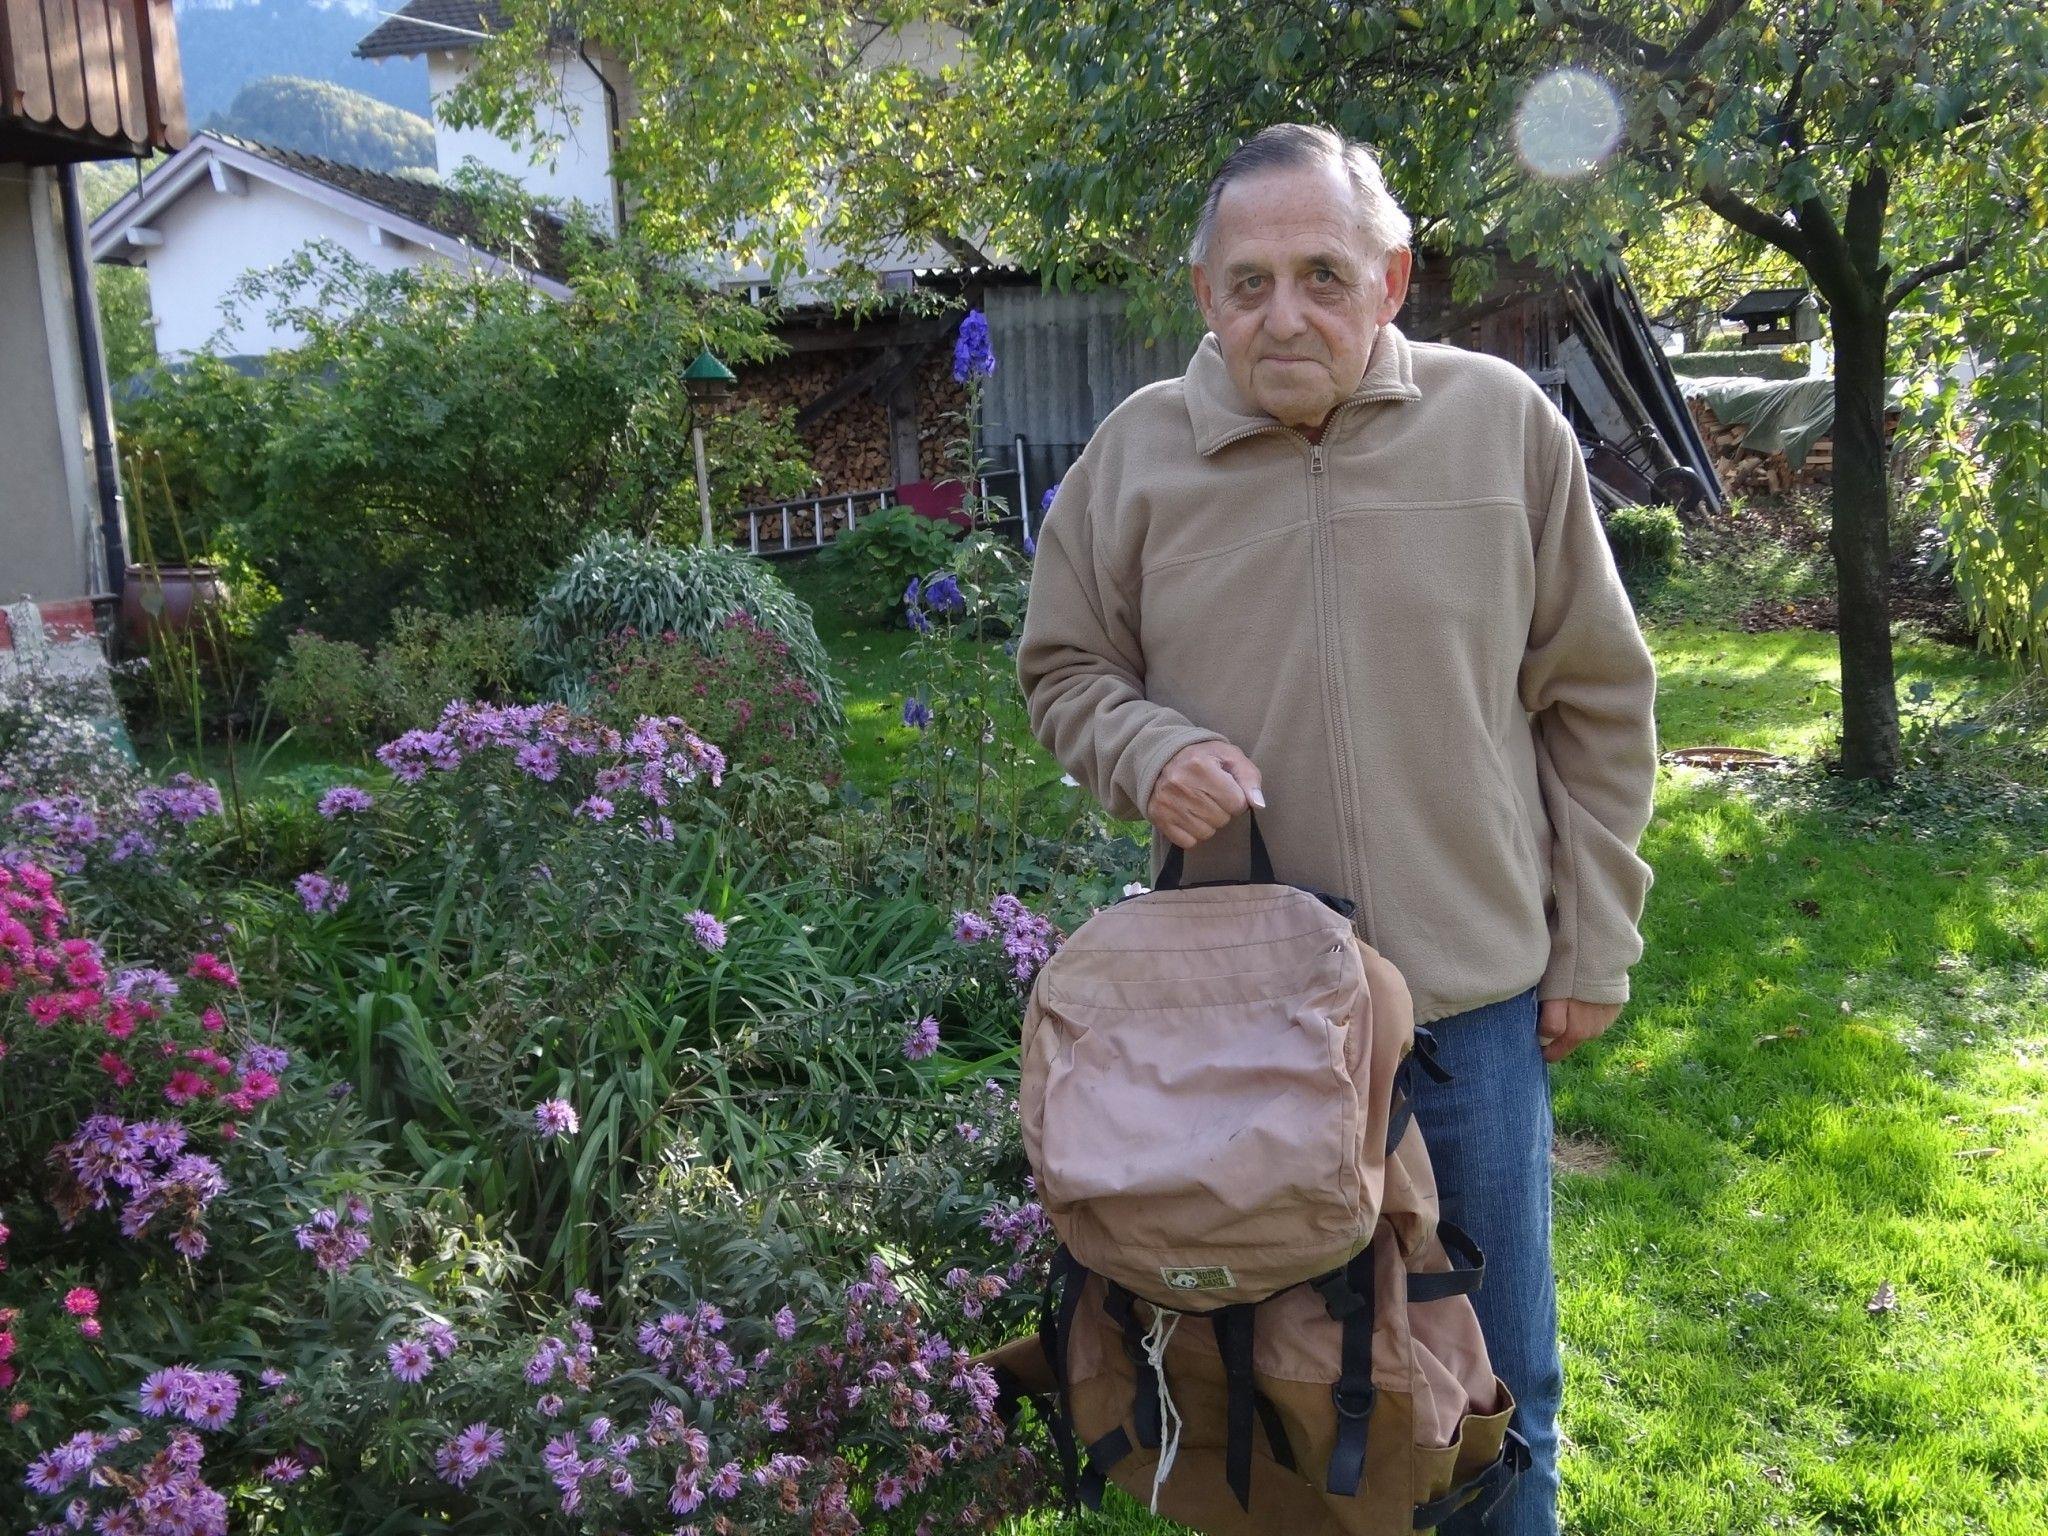 Walter Bell zeigt stolz seinen Rucksack, den er vor 30 Jahren im Himalaya Gebiet dabei gehabt hat